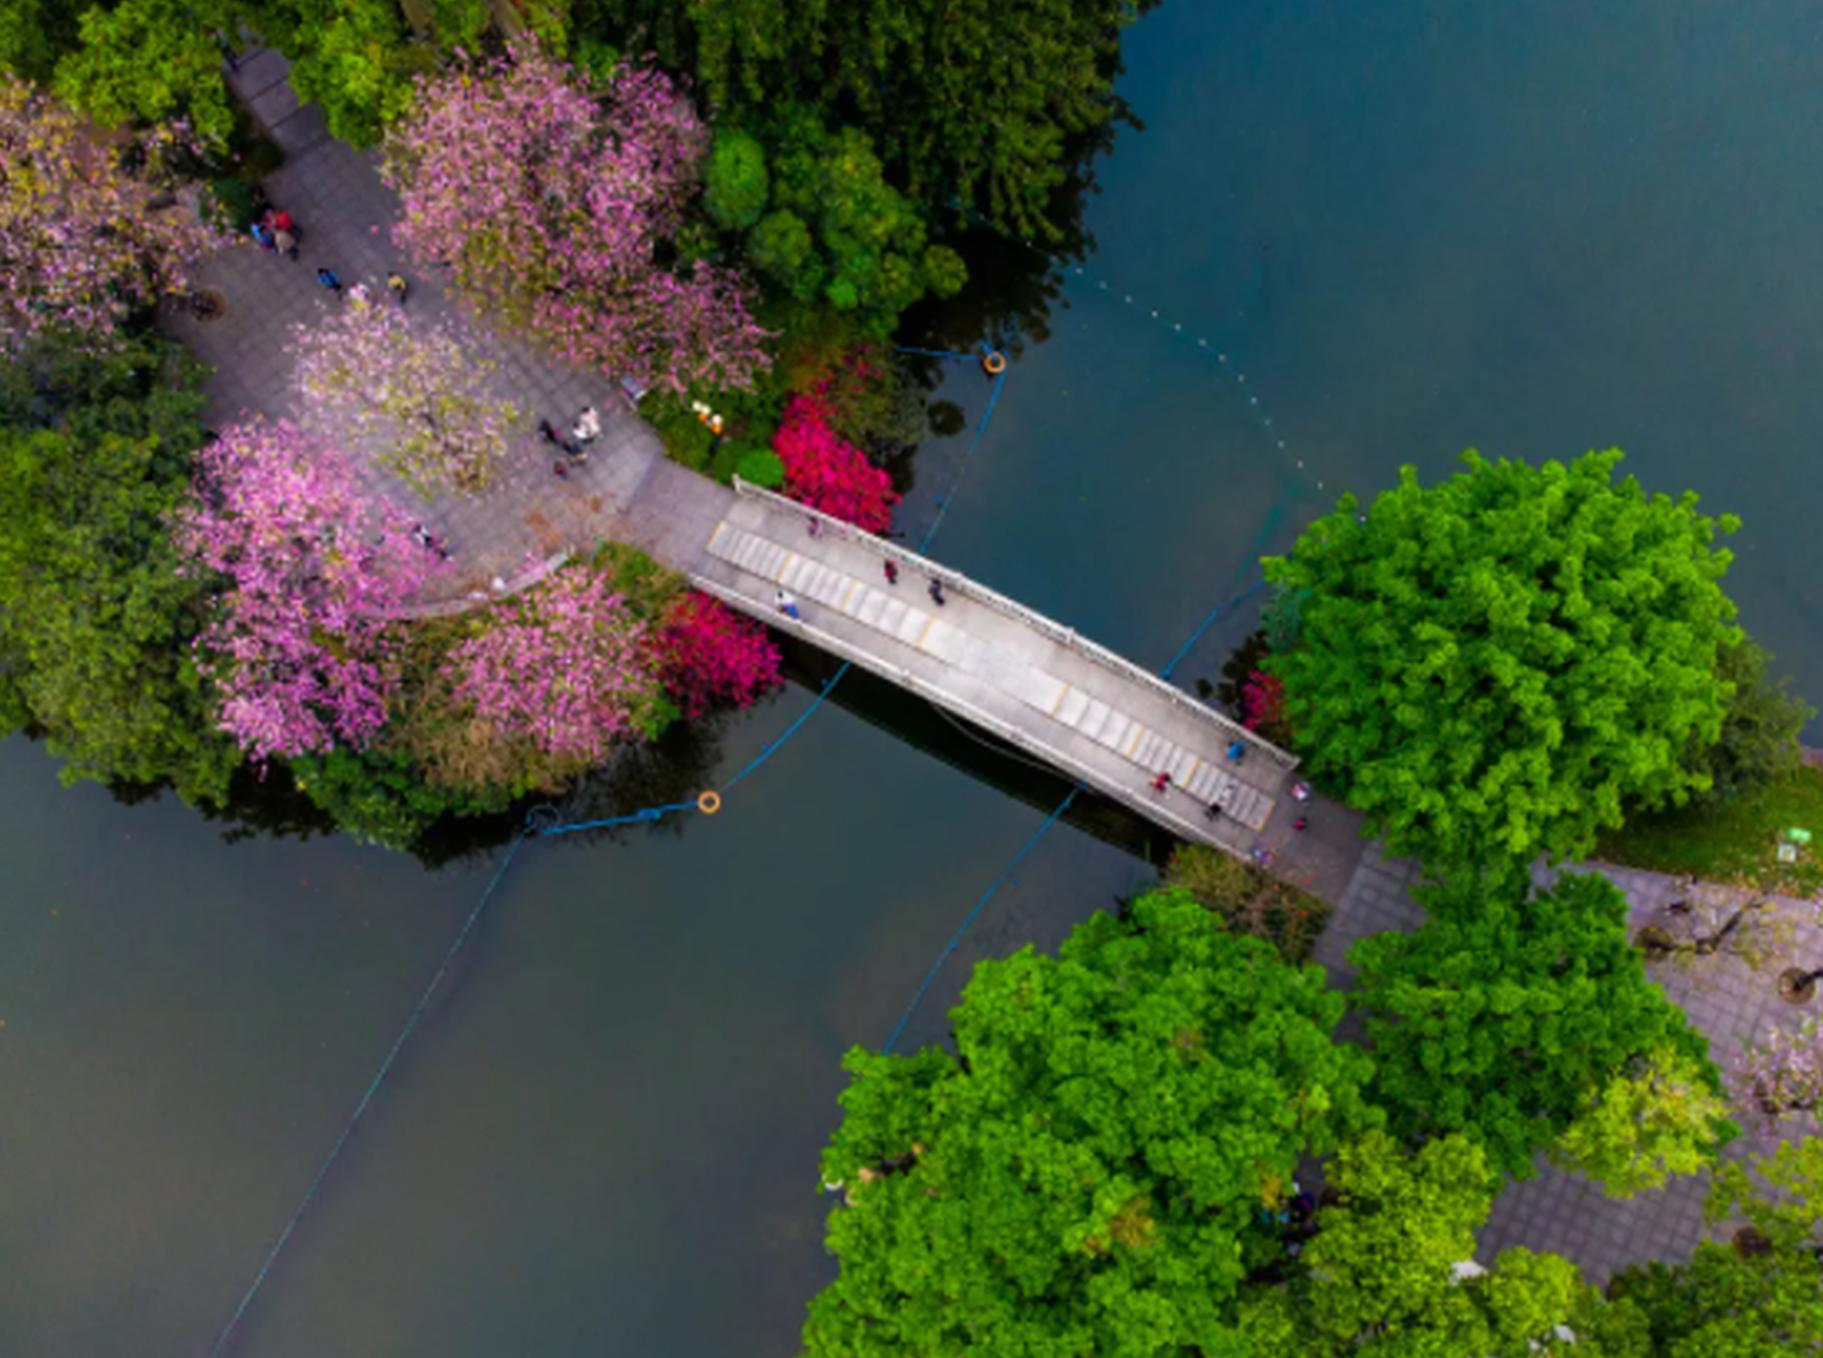 空中画卷带你俯瞰广州的春夏之美 探访人间仙境